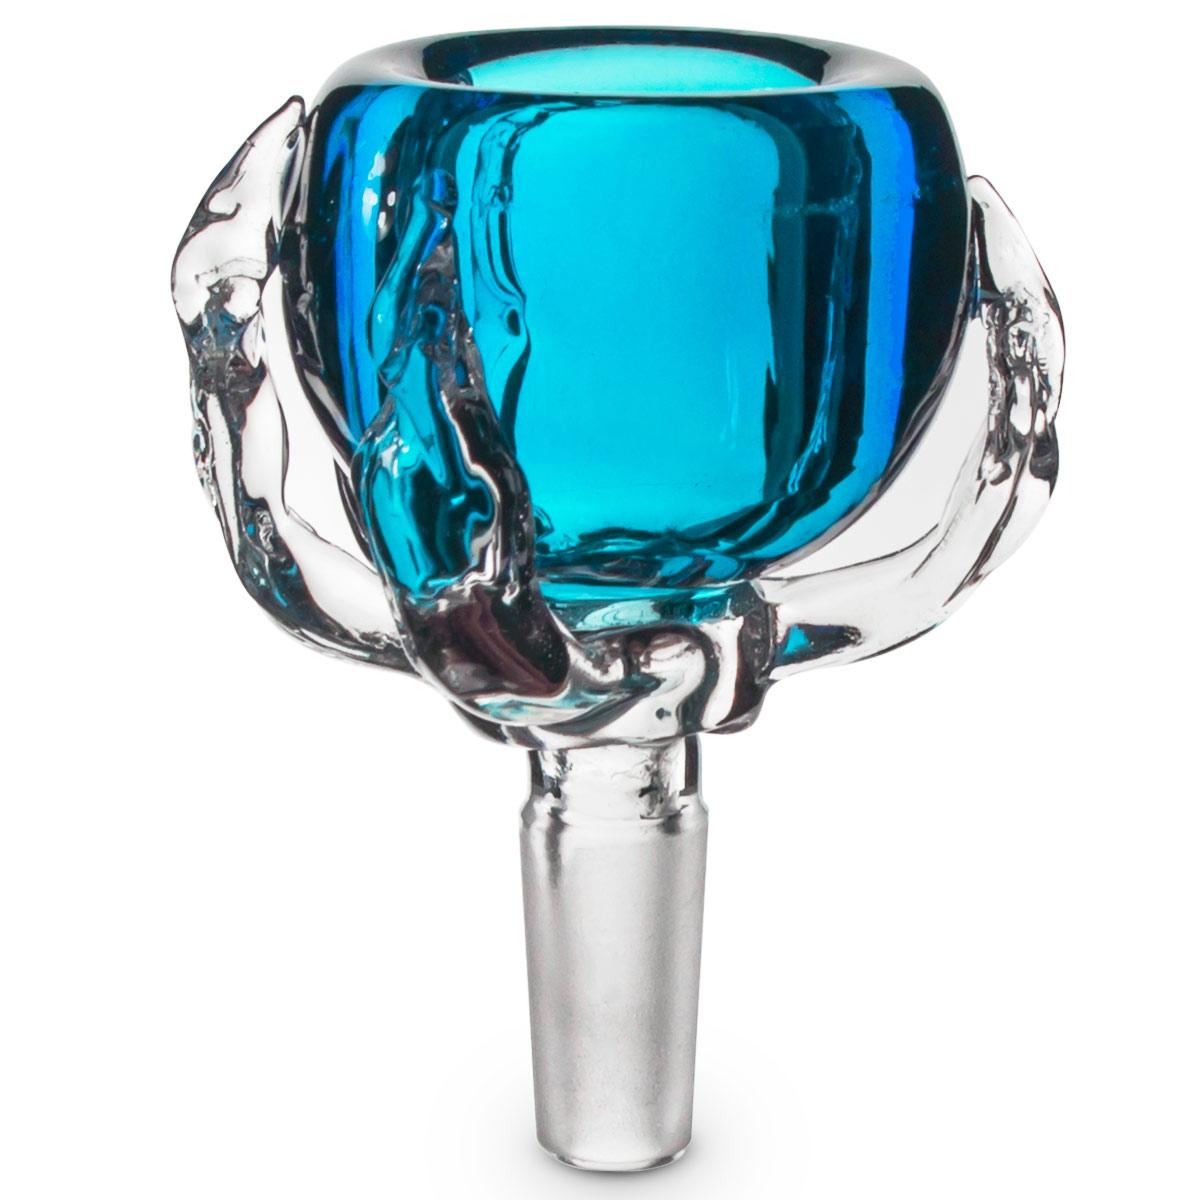 Formax420 10mm Dragon Claw Design Bicchieri in vetro Accessori in vetro Cinque colori disponibili 5 schermi gratuiti Spedizione gratuita